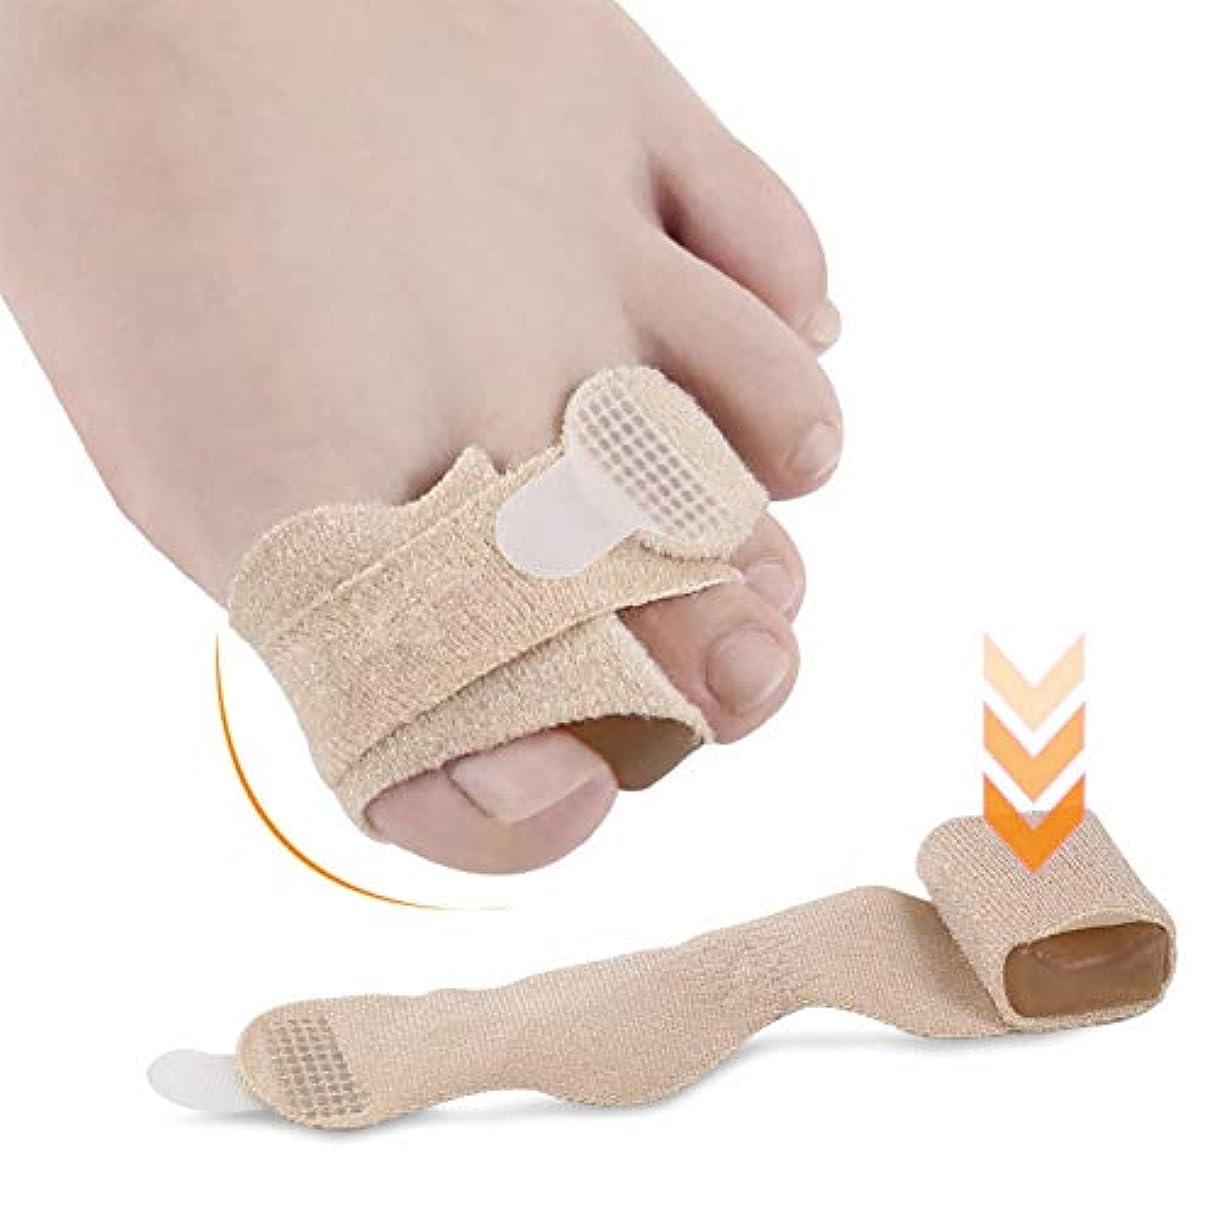 収束順番お手入れKISSION 親指外反矯正 大骨矯正ベルト つま先セパレーター つま先外反装具 つま先矯正つま先セパレーター つま先の痛みを和らげる